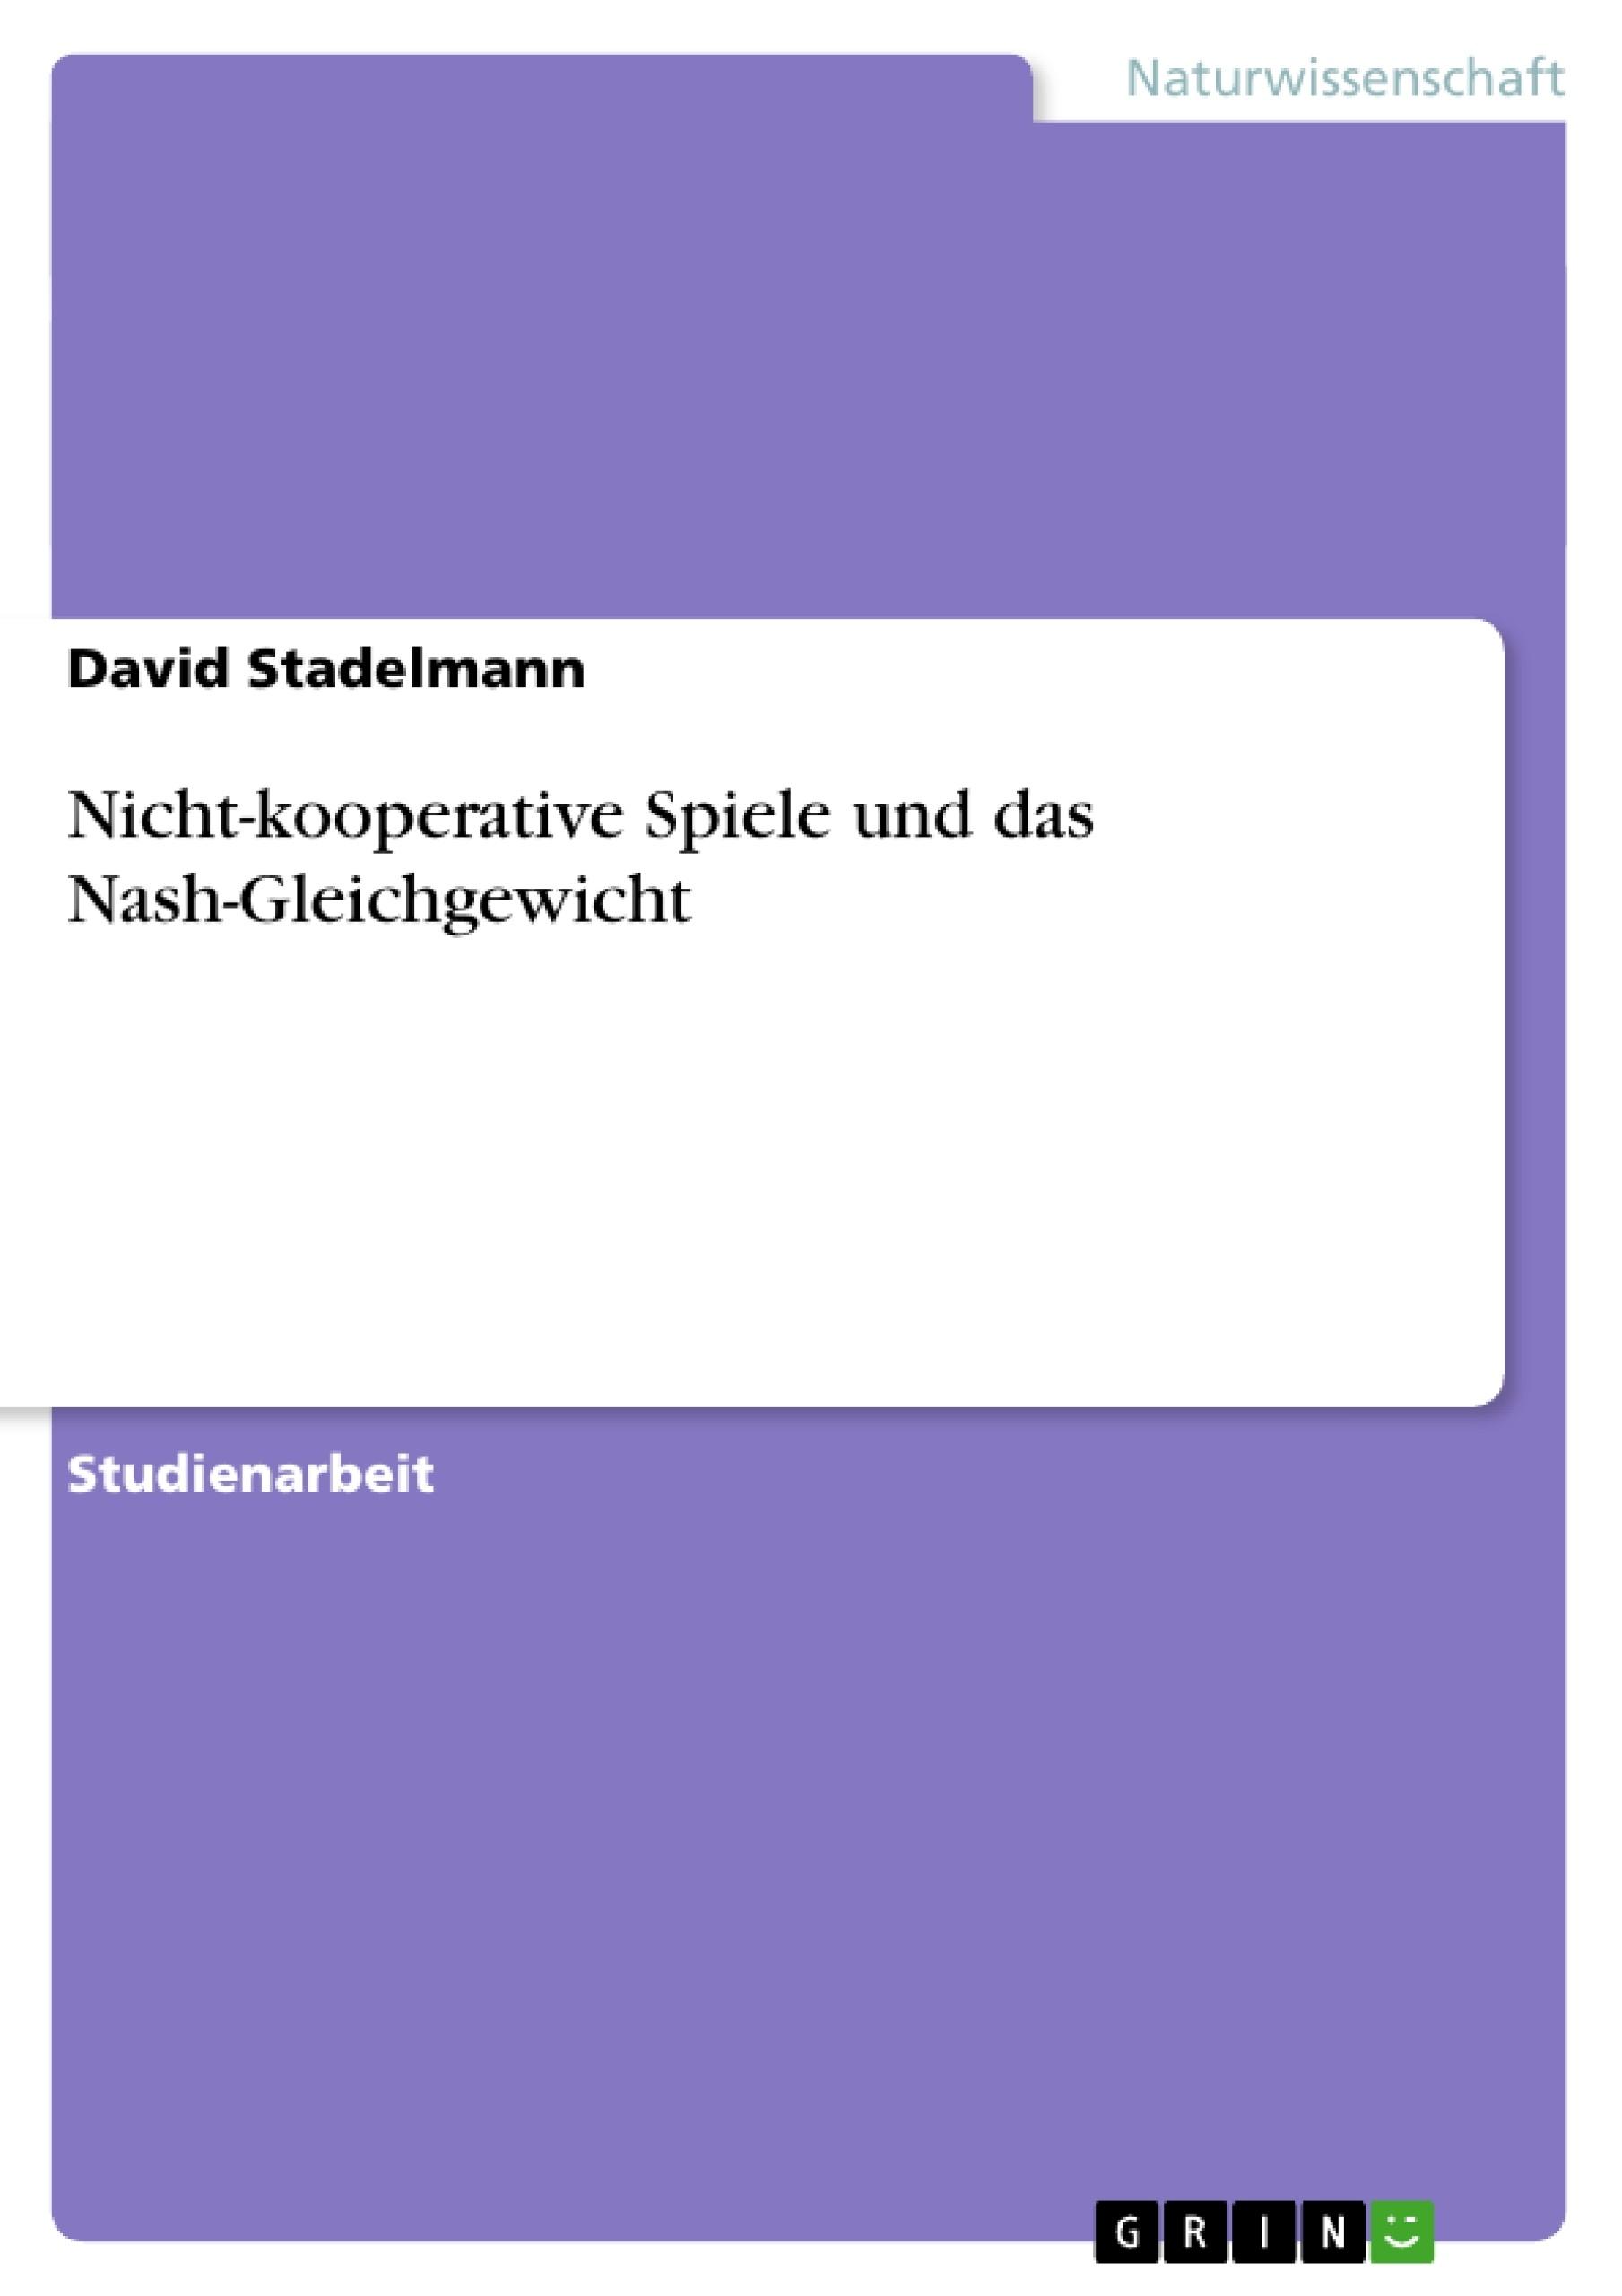 Titel: Nicht-kooperative Spiele und das Nash-Gleichgewicht